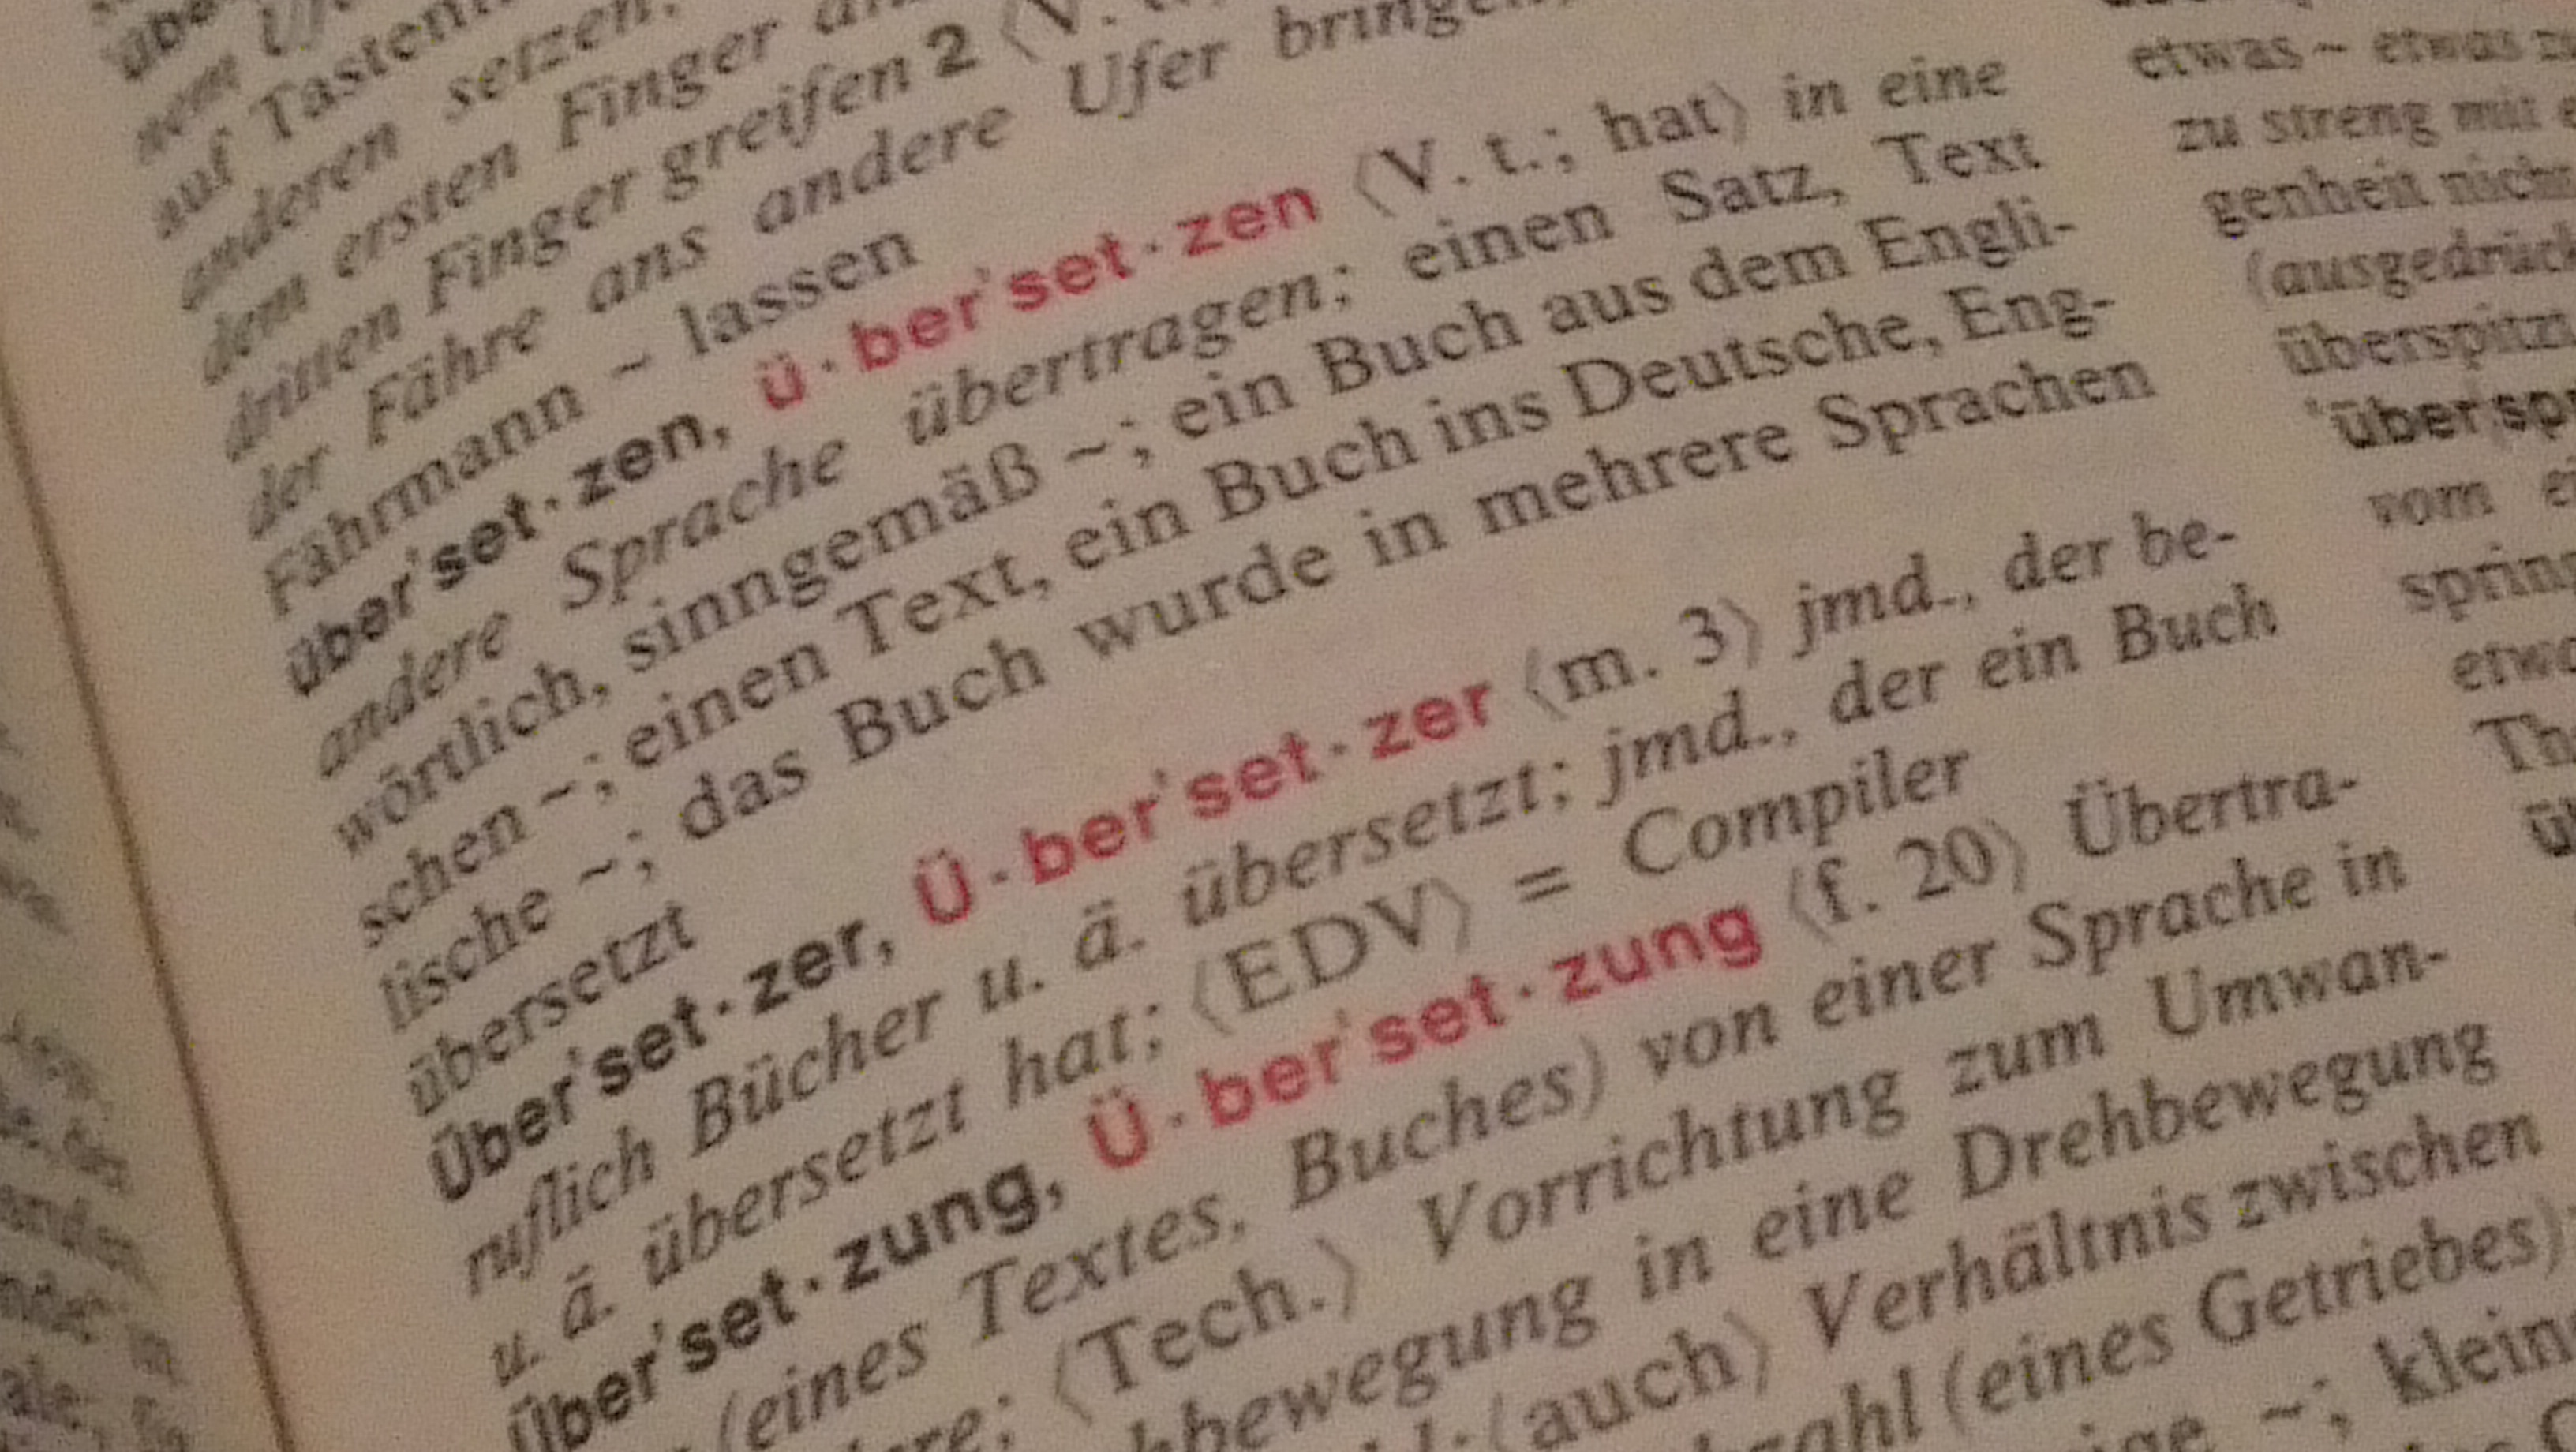 Wörterbuch mit den Stichpunkten Übersetzer und Übersetzung